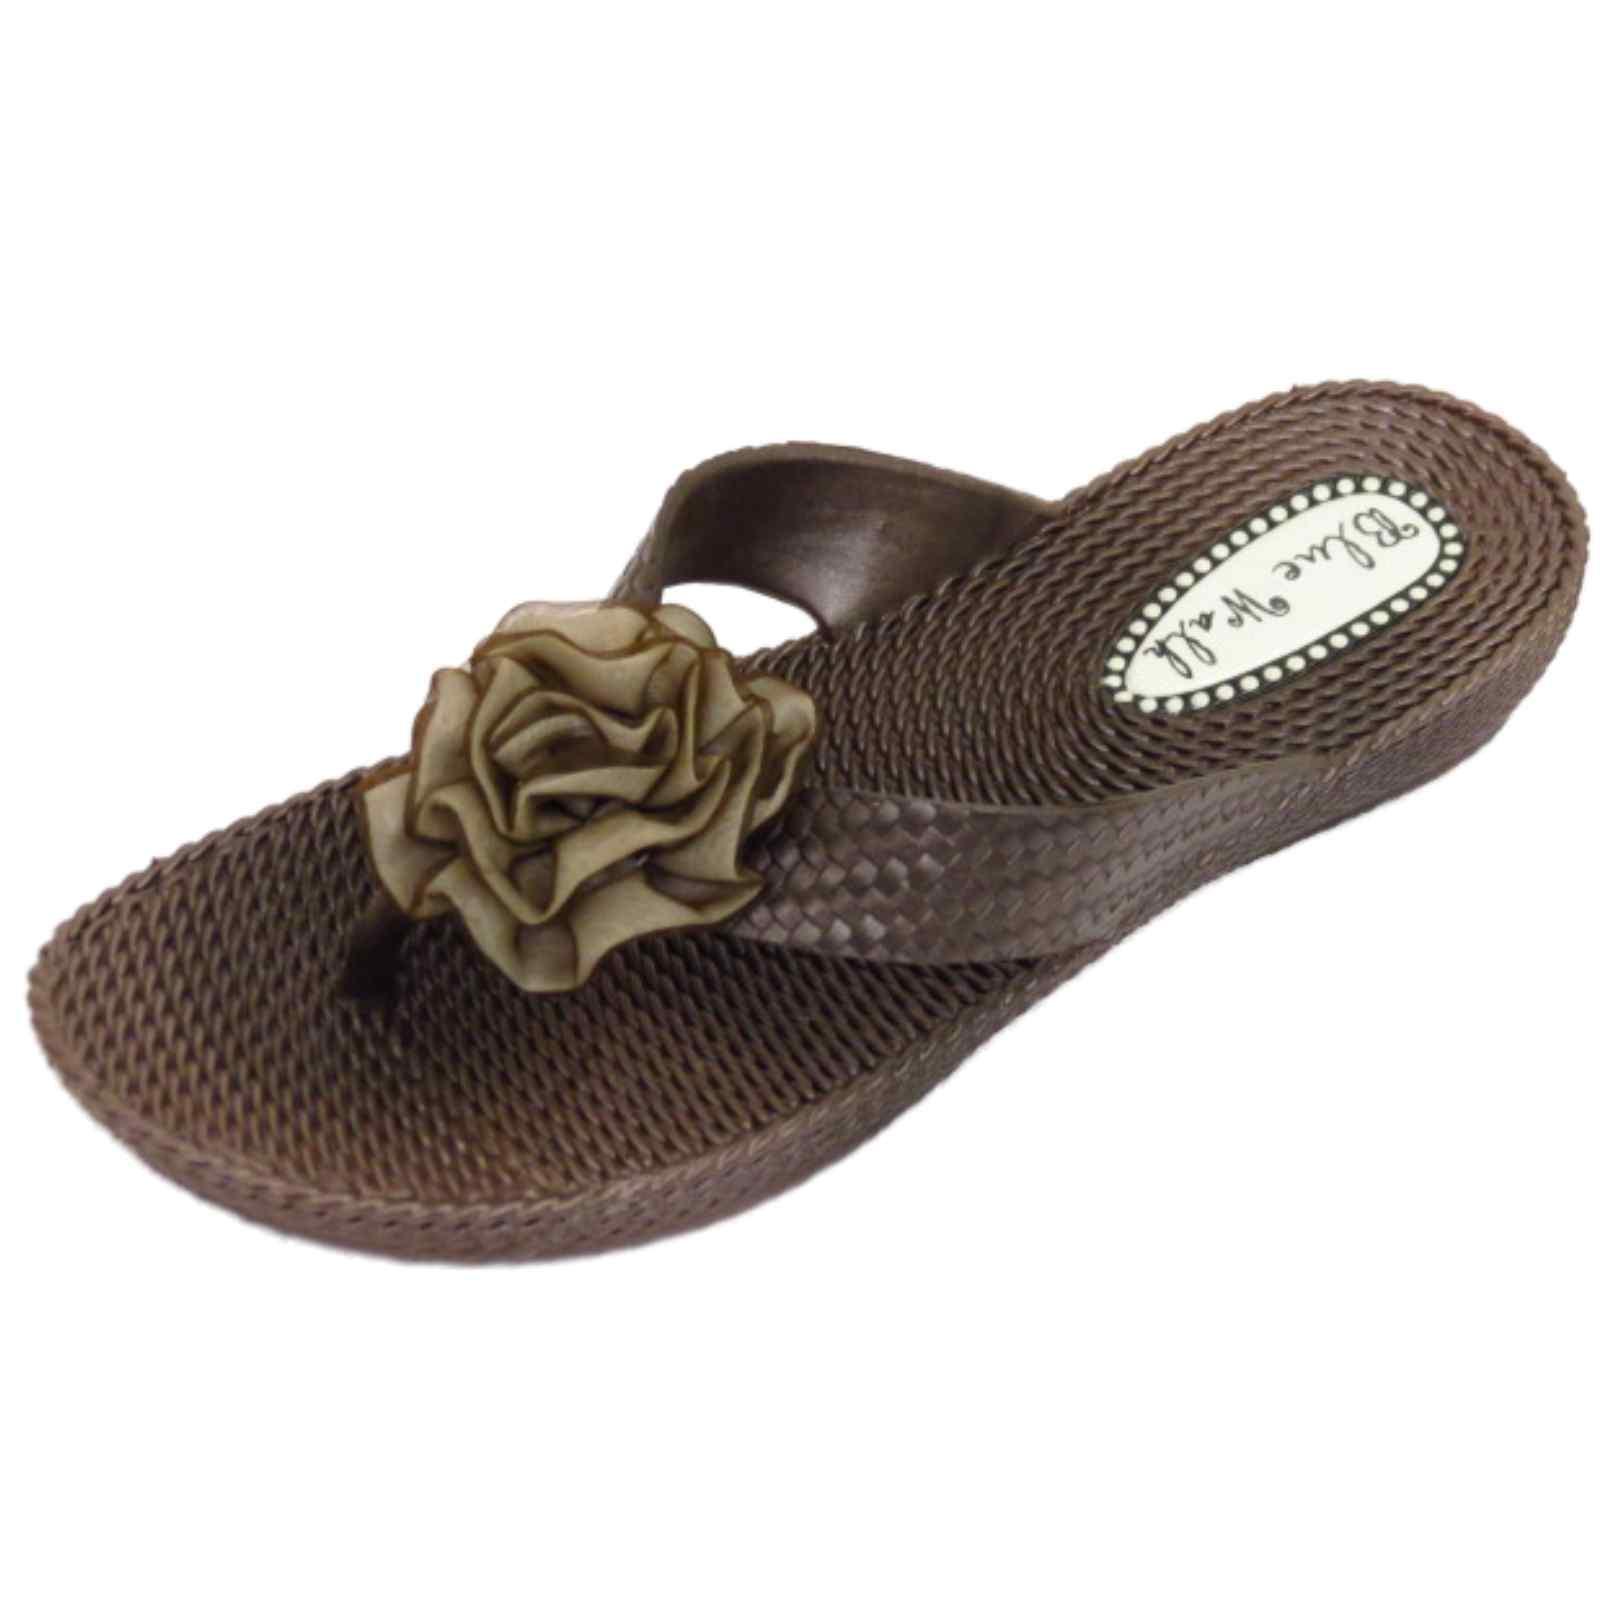 damen flach braun zehensteg sandalen flip flop strand zum reinschl pfen ebay. Black Bedroom Furniture Sets. Home Design Ideas